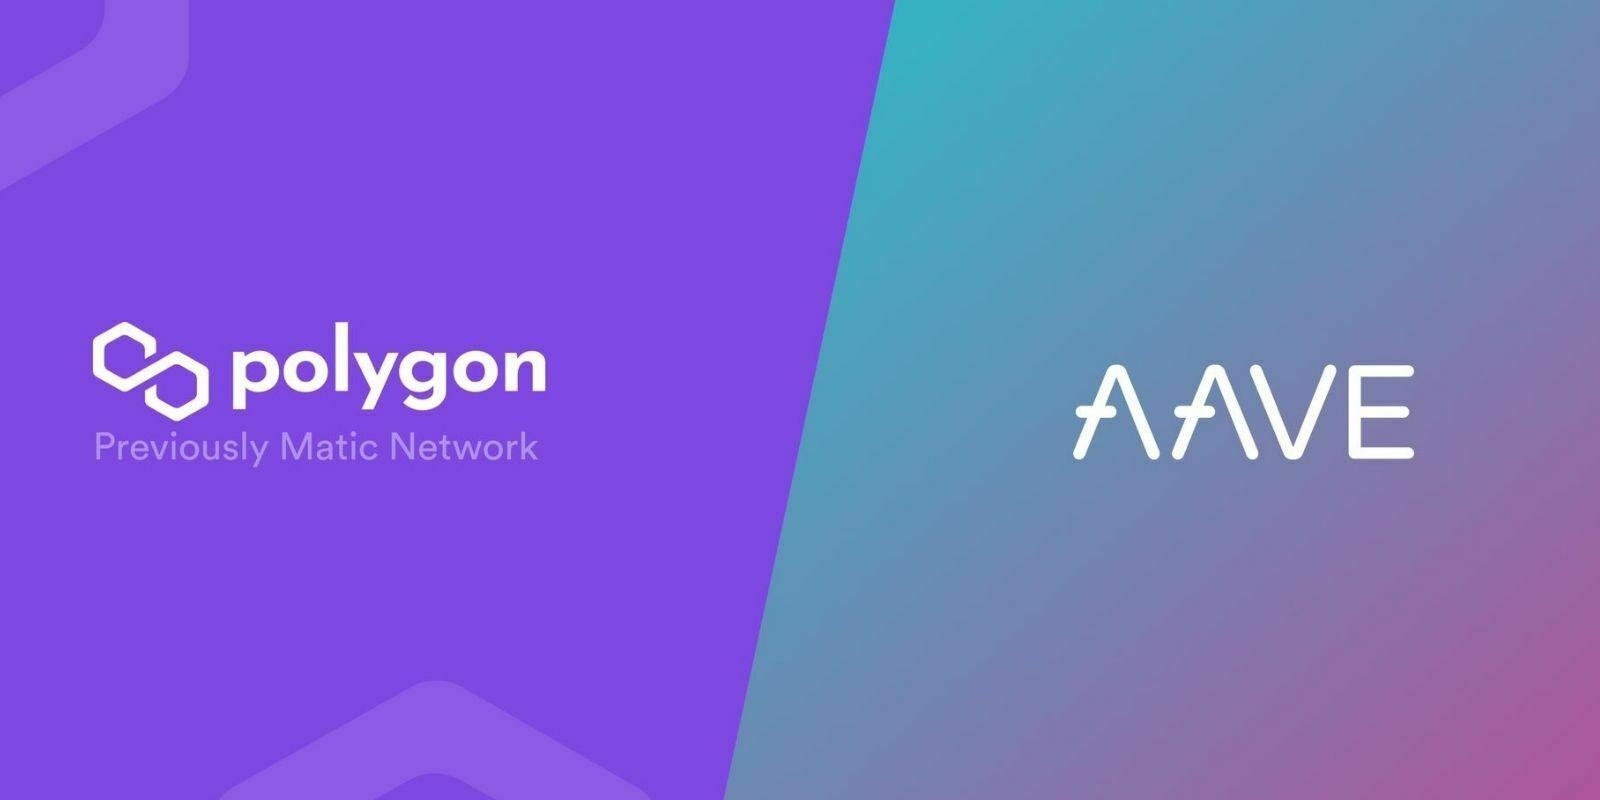 Le protocole Aave intègre Polygon pour contourner les frais d'Ethereum